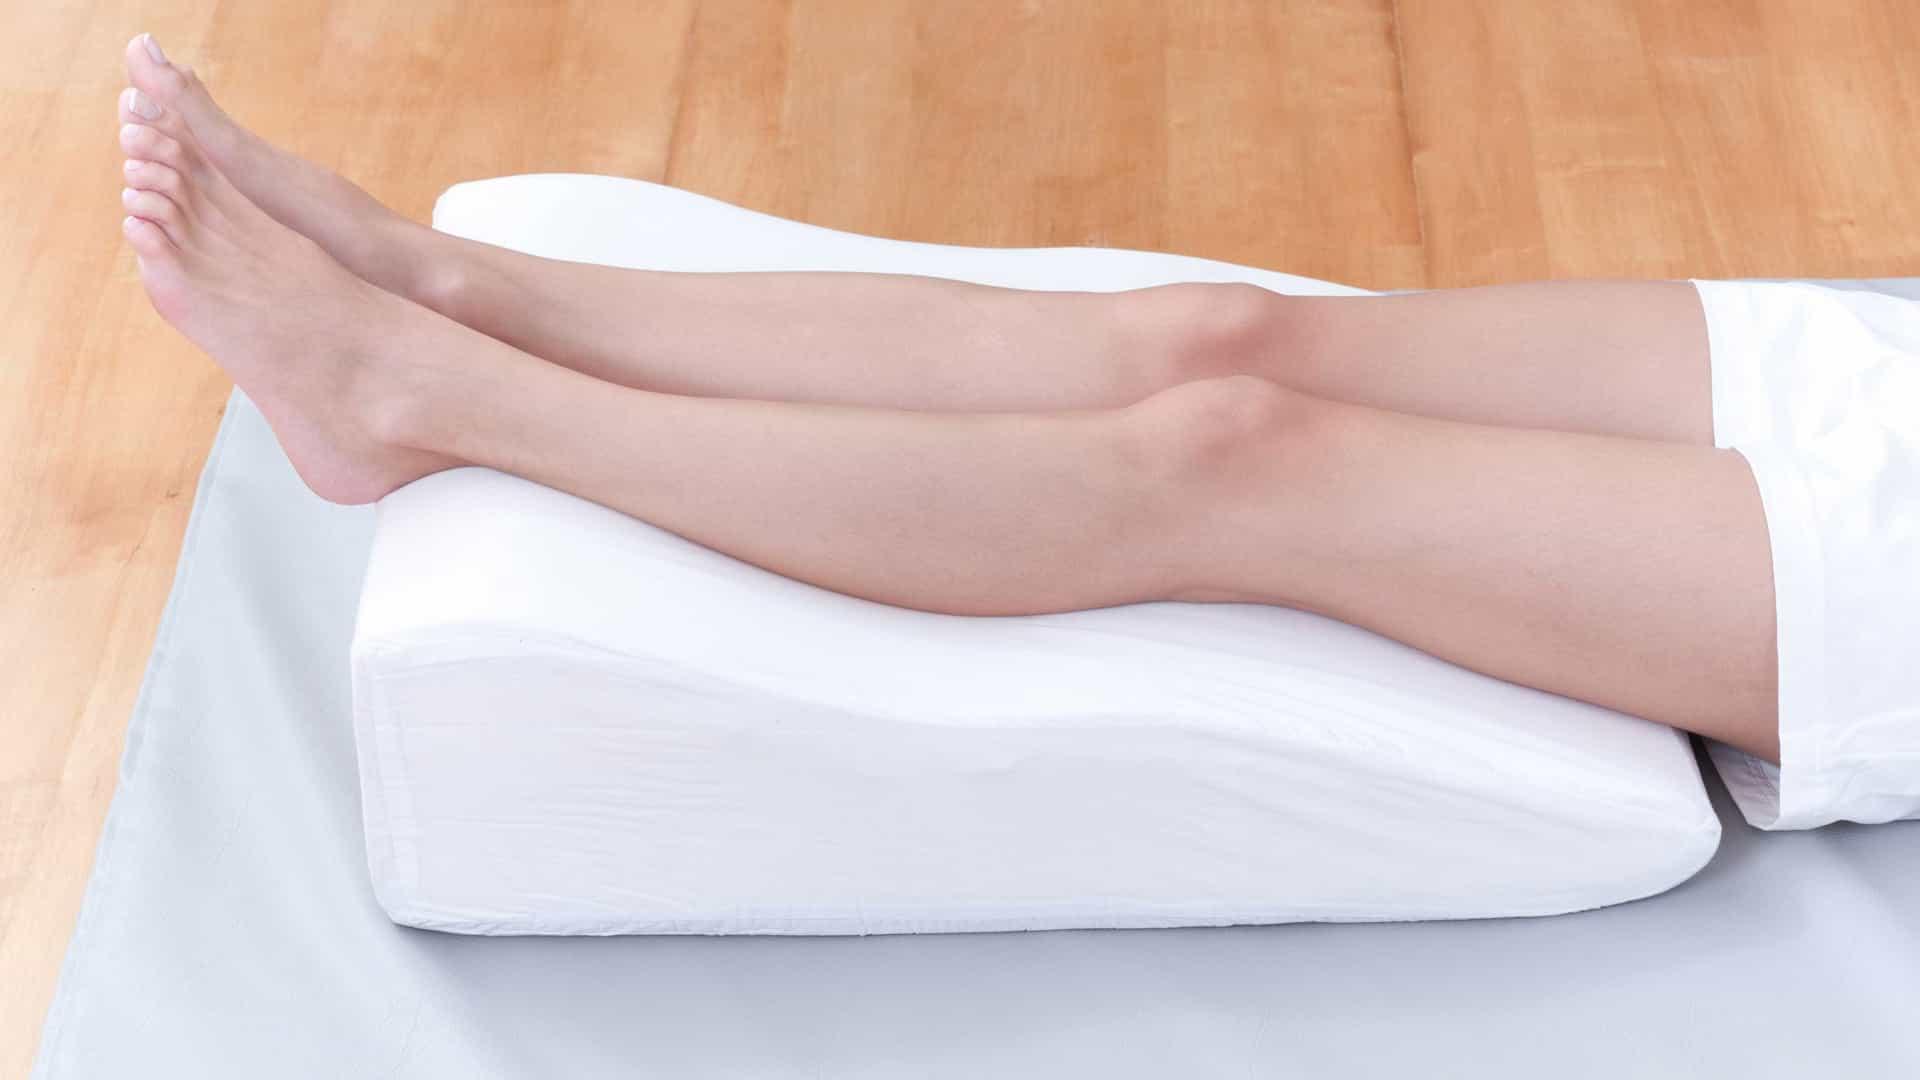 Curar uma ferida - dicas essenciais para uma cicatrização saudável